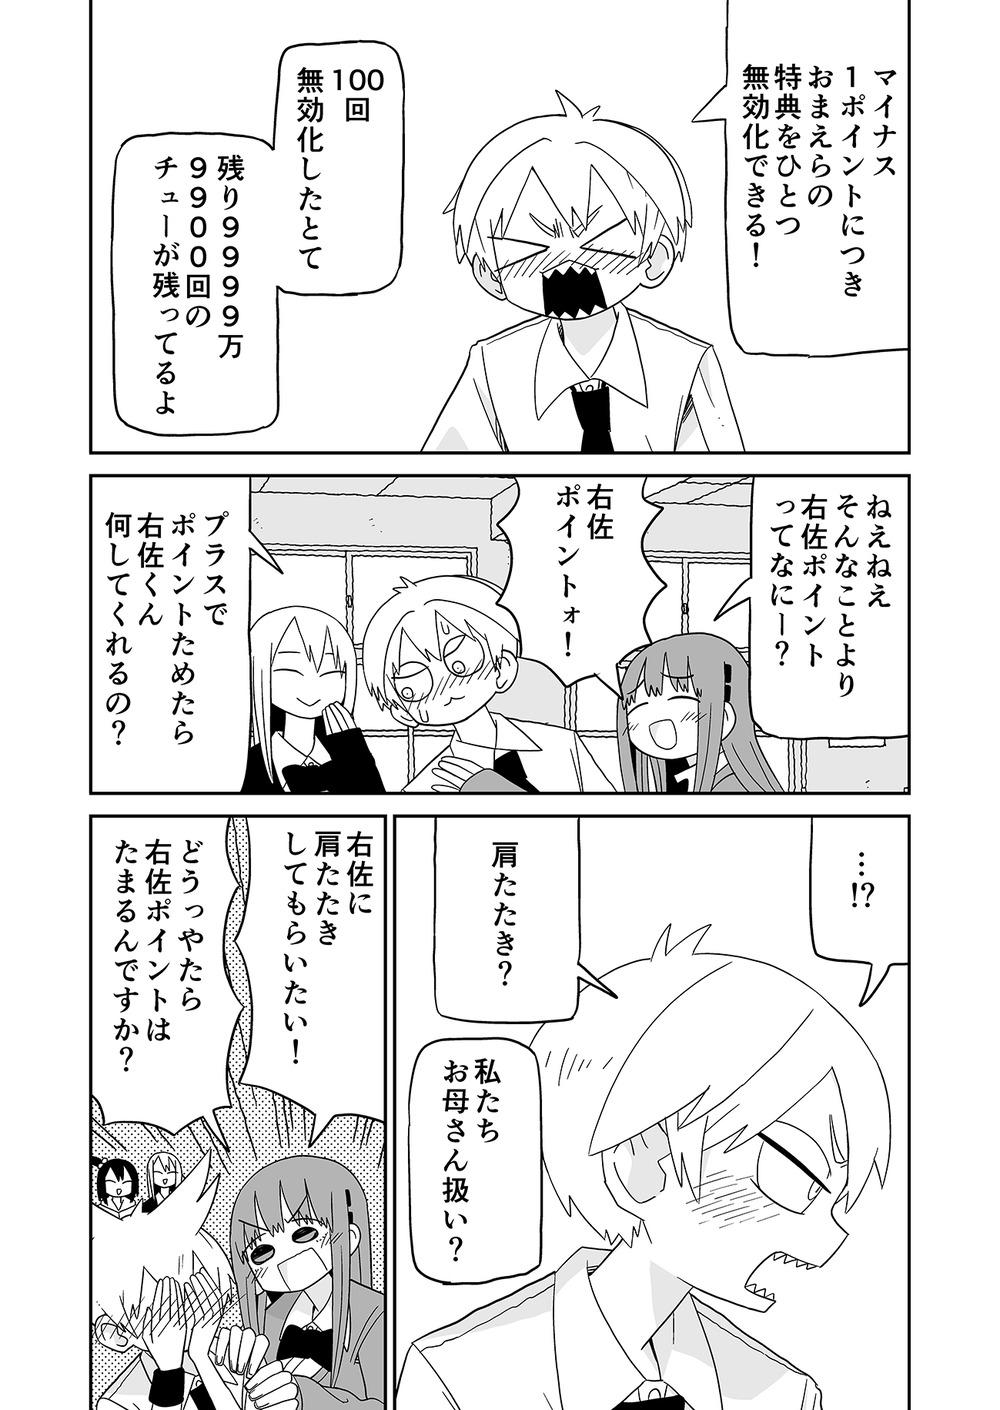 潮舞データオマケ30011